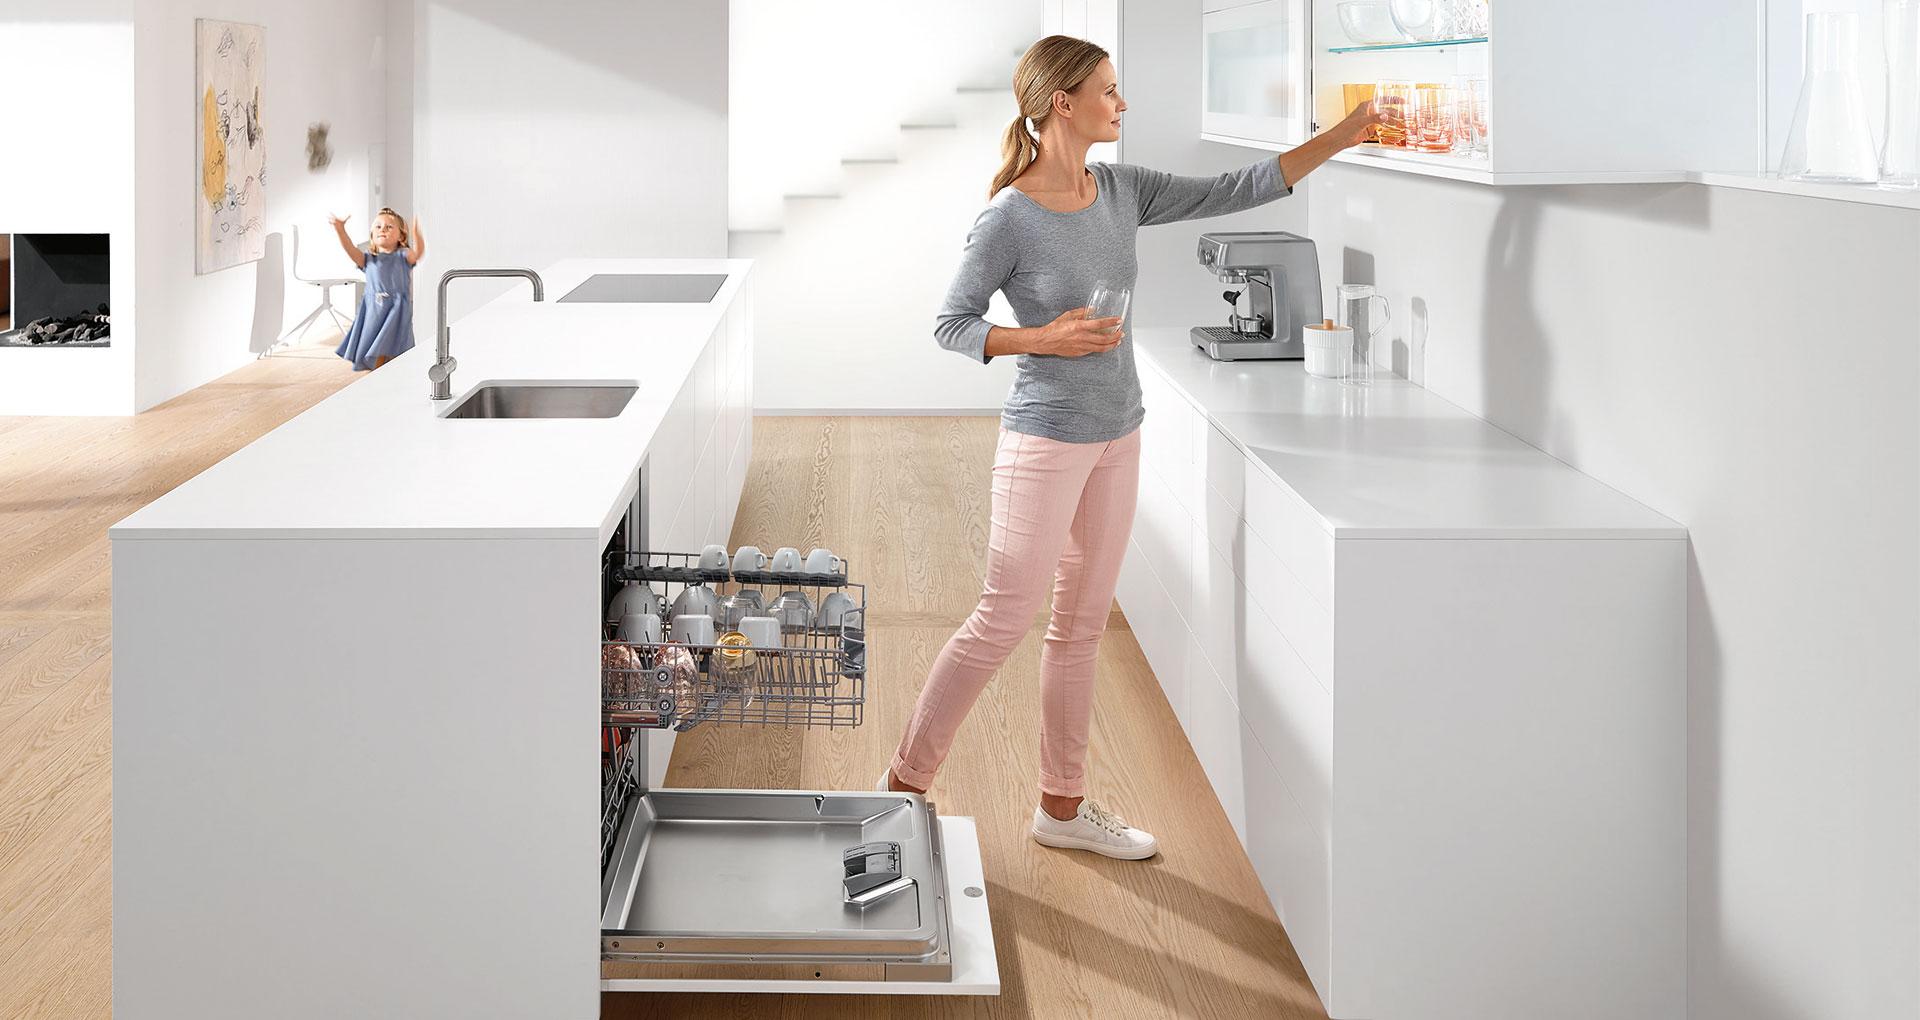 Продумати комунікації на кухні до початку ремонту: розетки, вода, каналізація